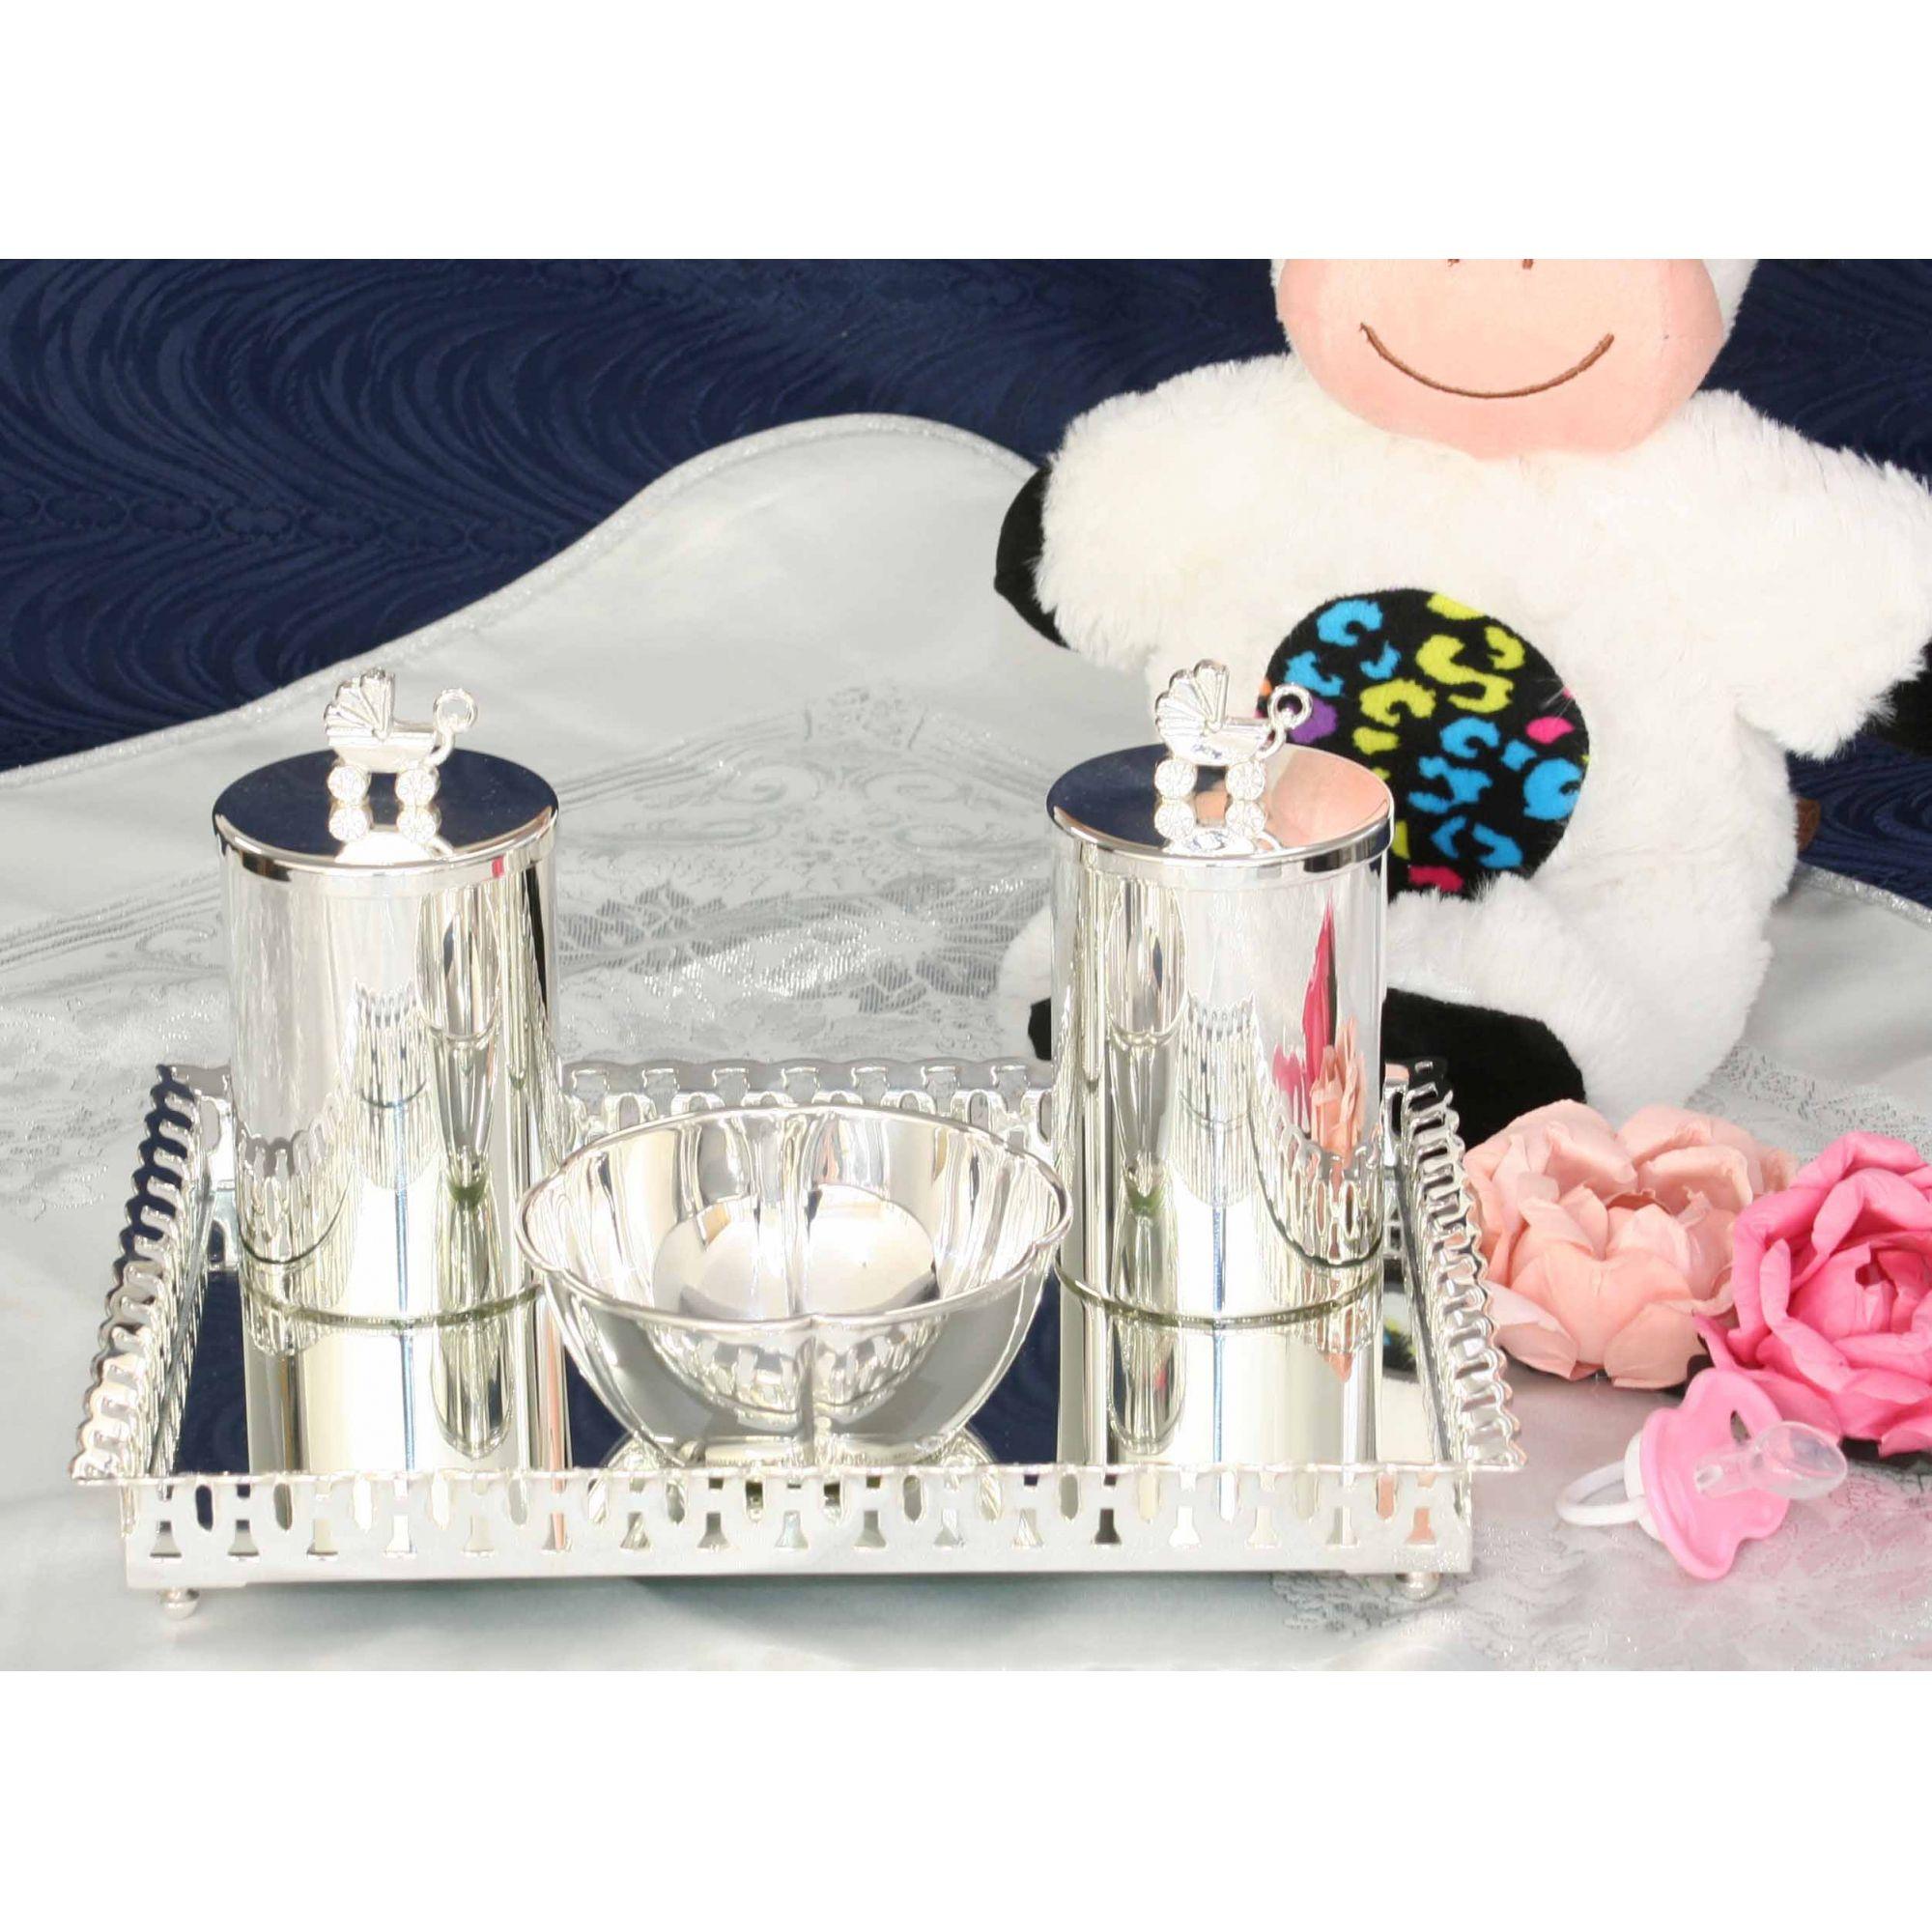 Kit decorativo carrinho de bebê